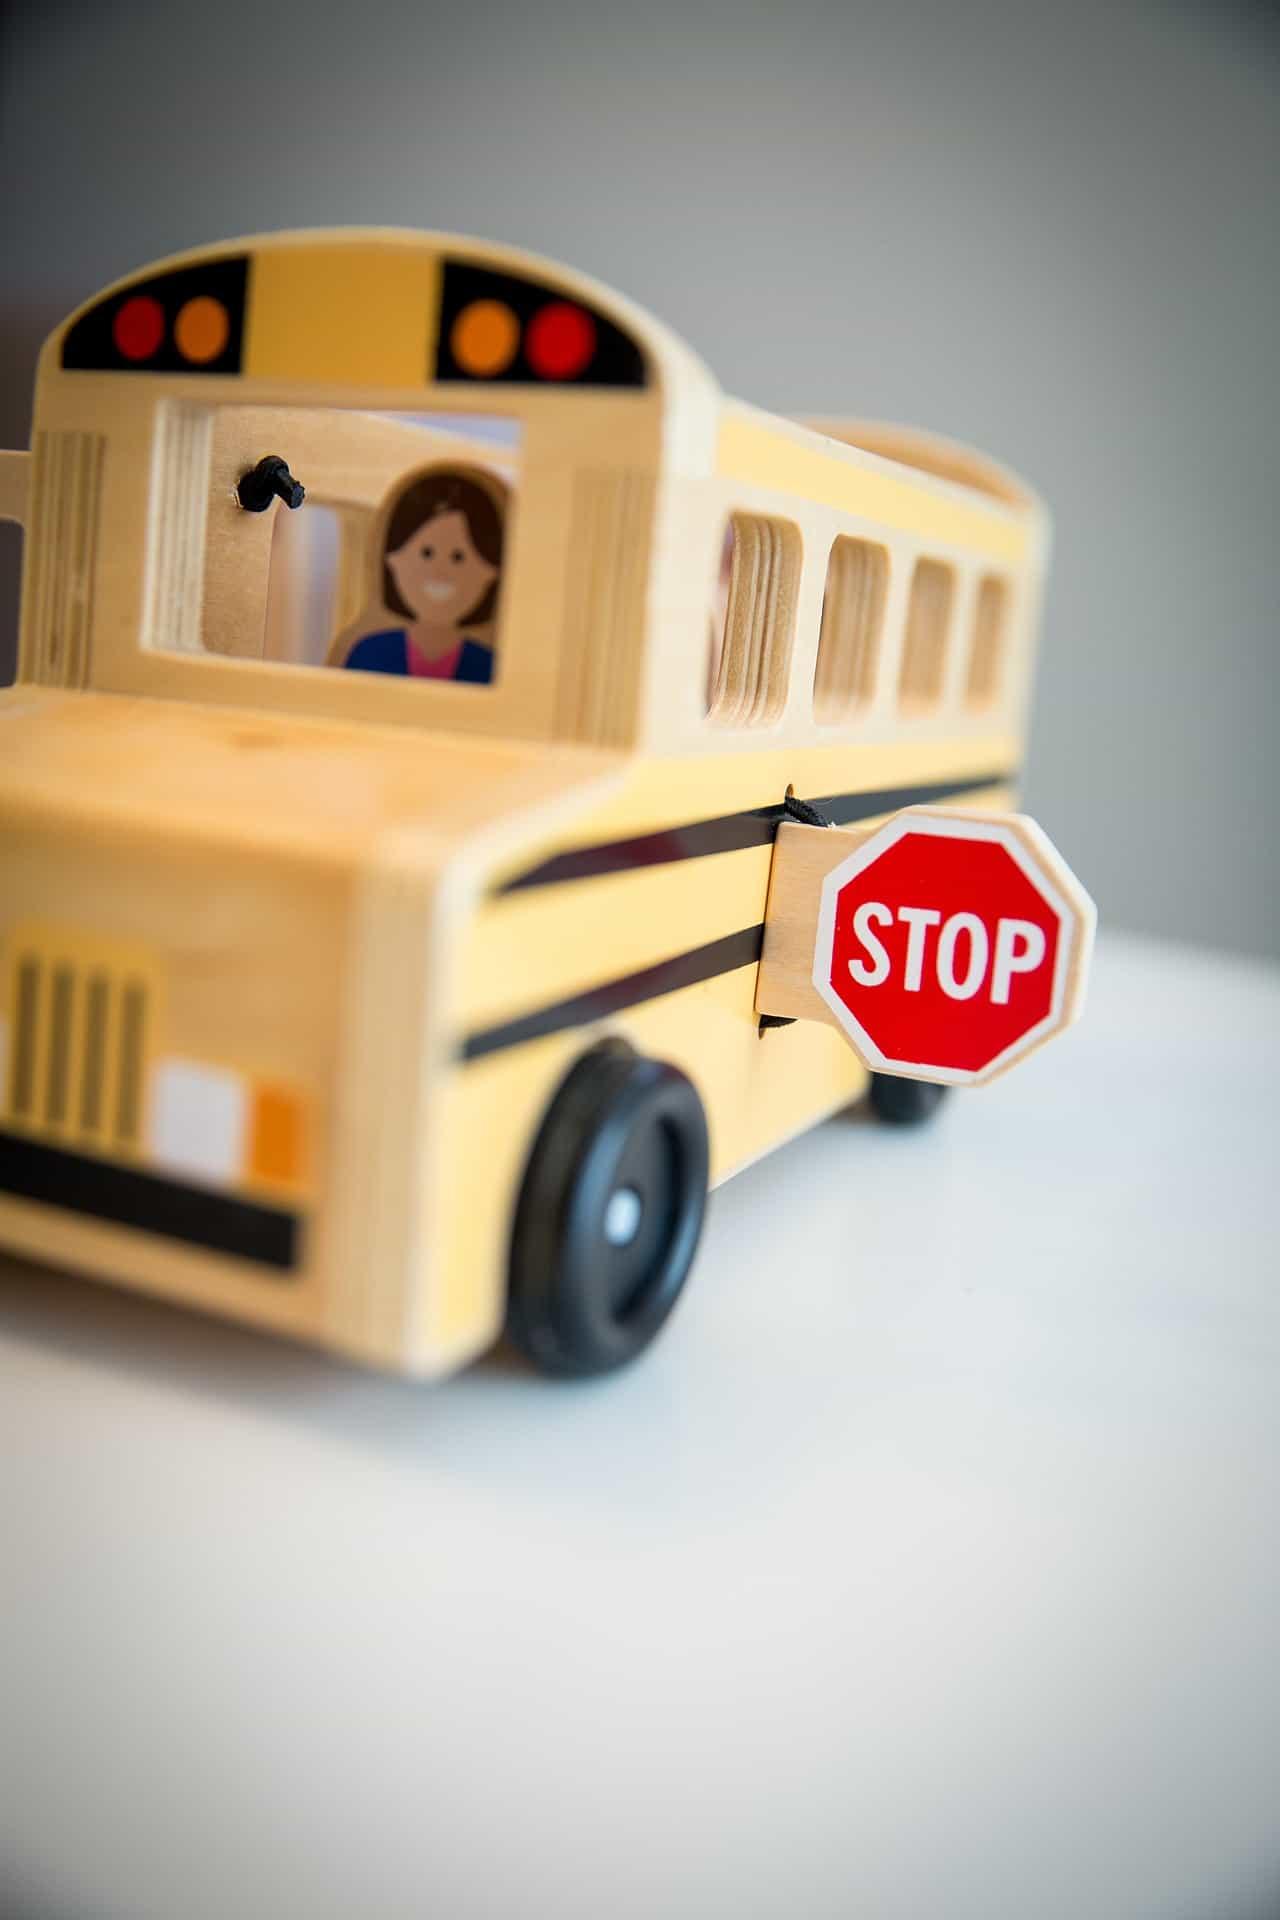 stop-1206475_1920.jpg